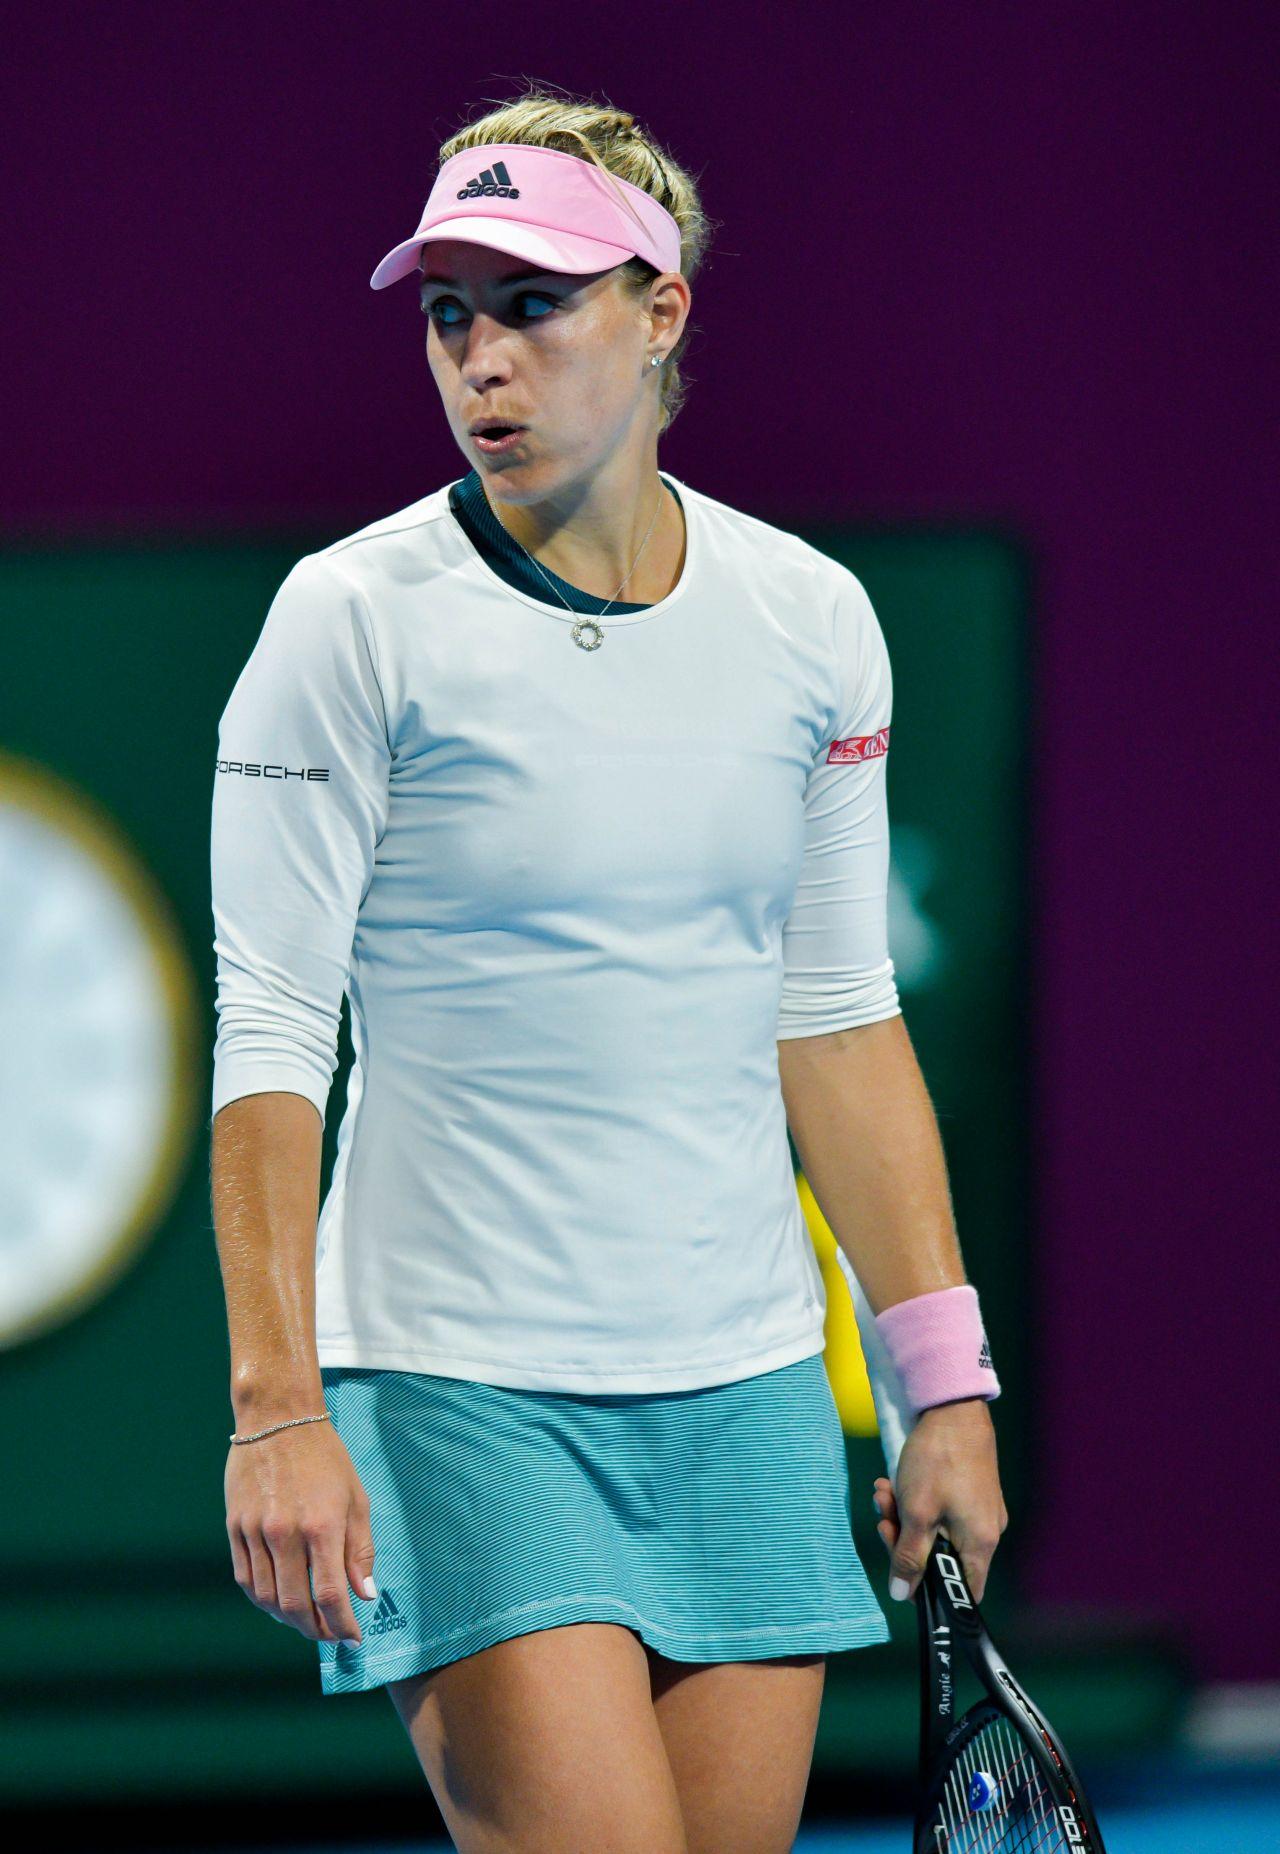 Angelique Kerber 2019 Wta Qatar Open In Doha 02 13 2019